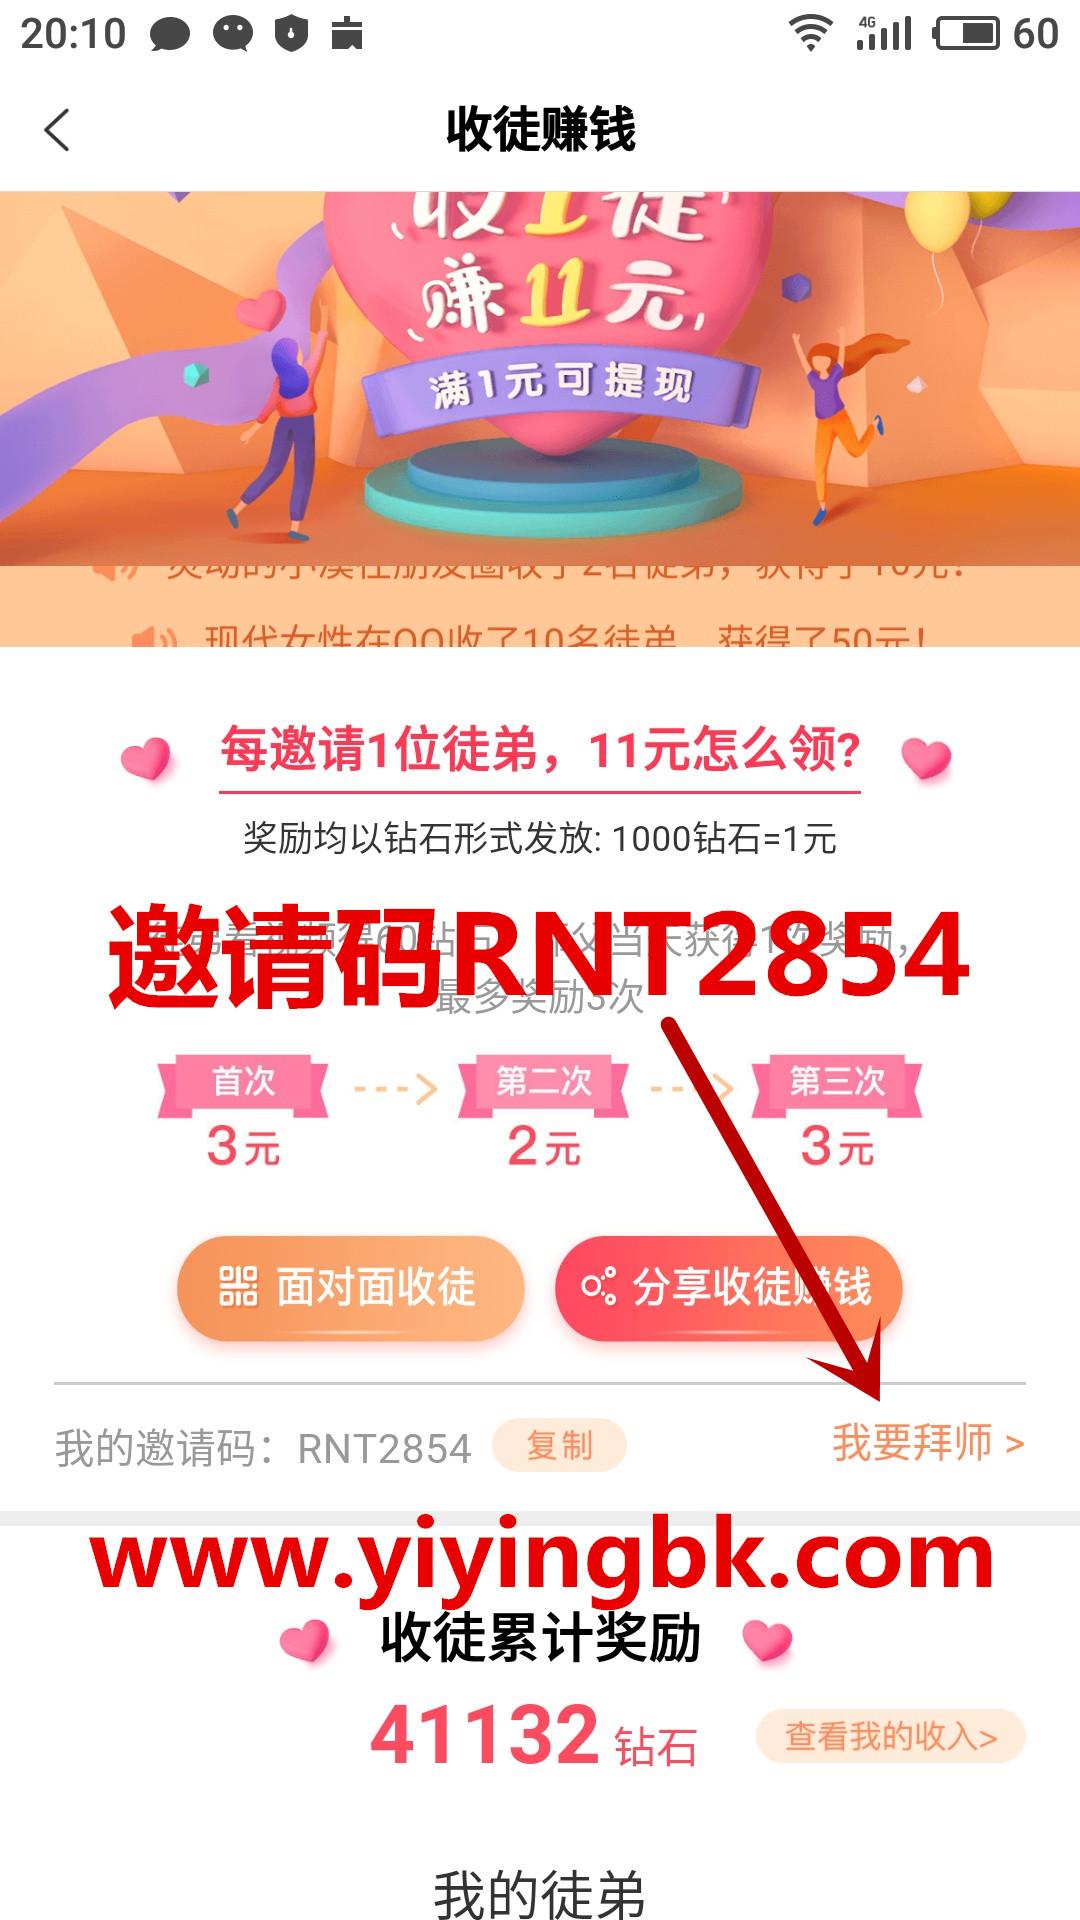 全民小视频邀请码RNT2854领取现金红包填写处